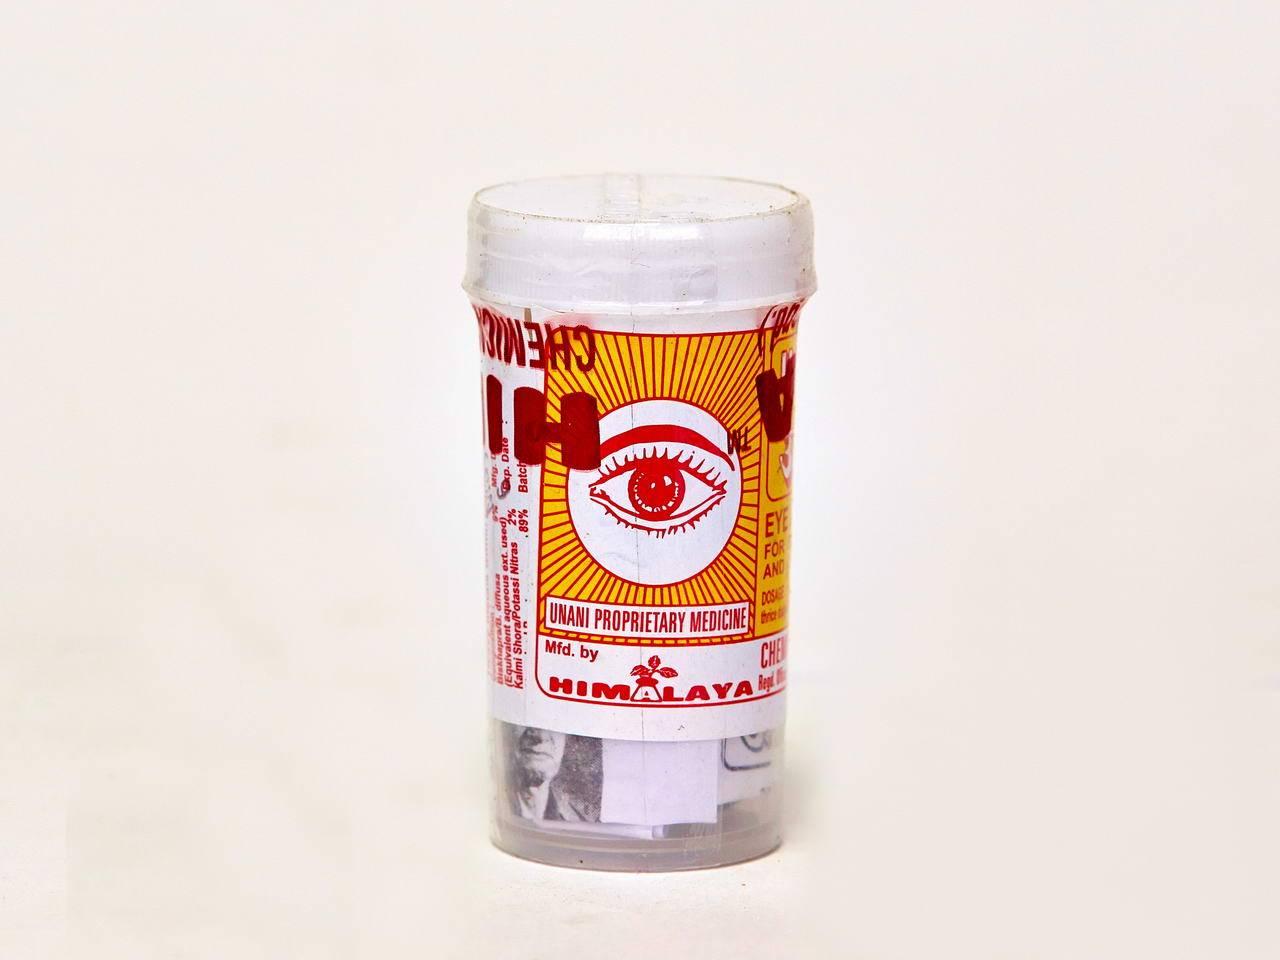 Глазные капли уджала (ujala) himalaya, 5 мл  (арт. 2801)